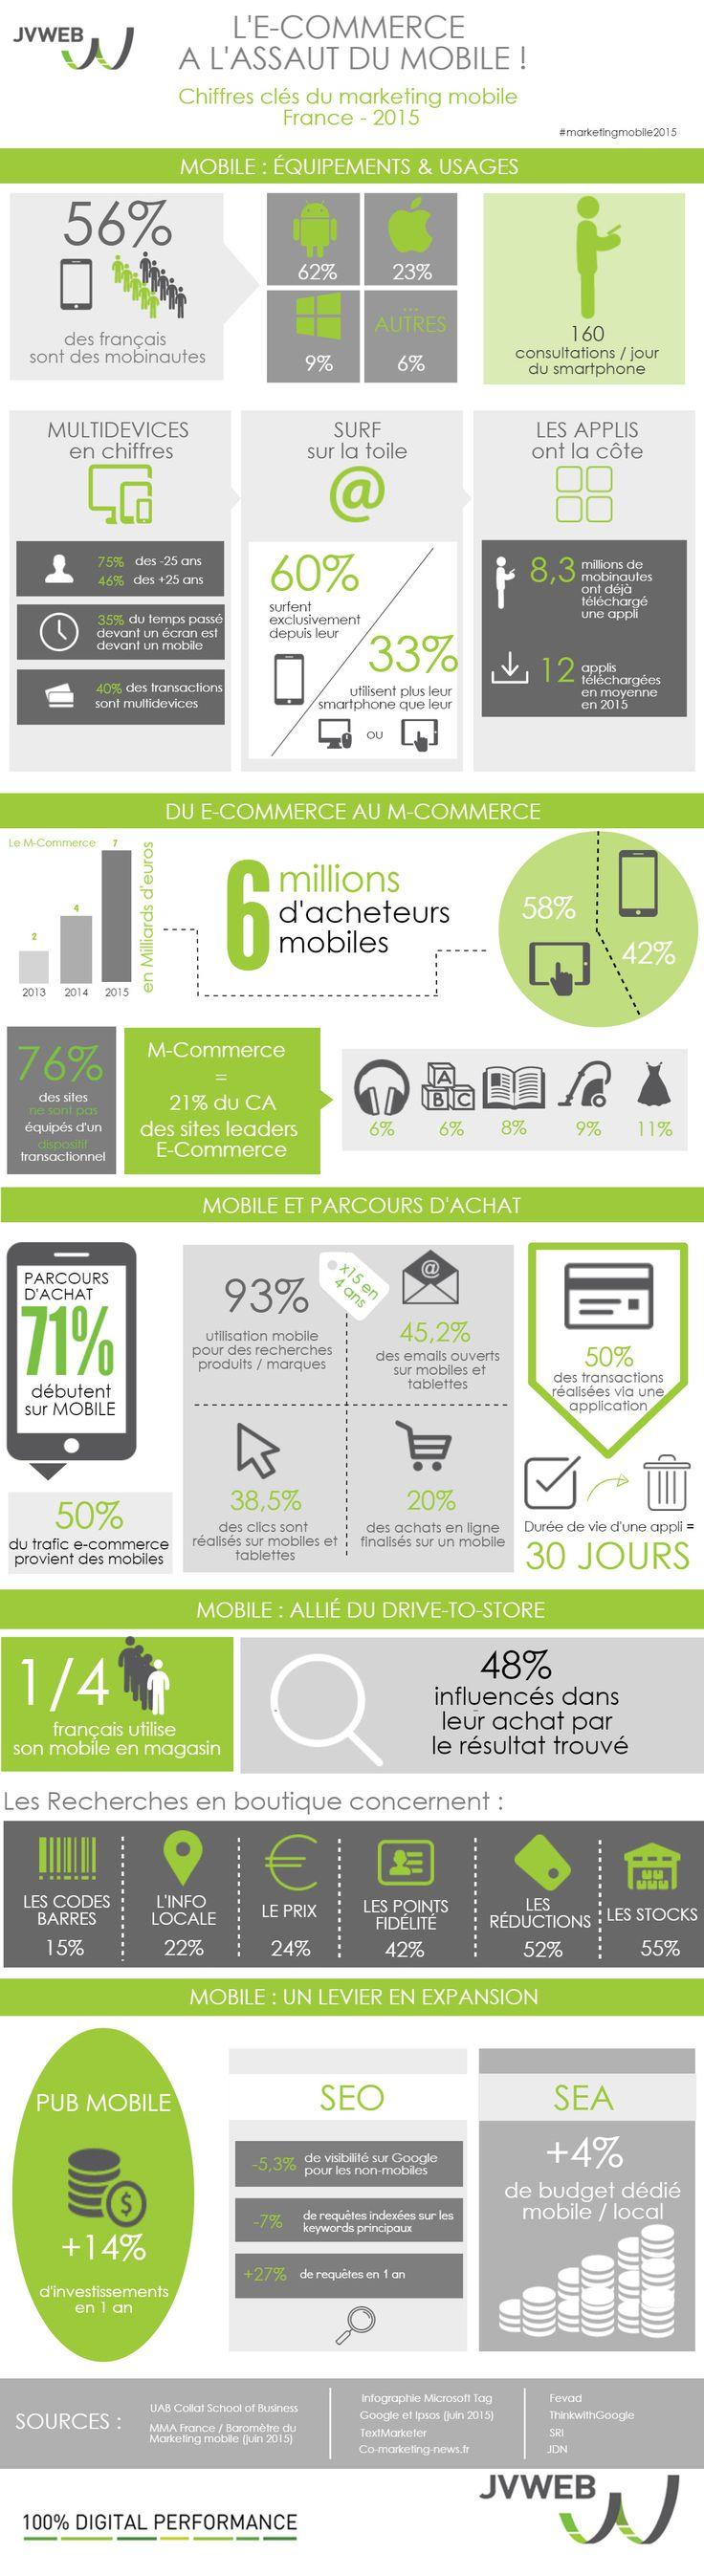 Les français consultent leur mobile 160 fois par jour et 60% d'entre eux surfent sur le net exclusivement via leur smartphone. Ces nouvelles pratiques ont